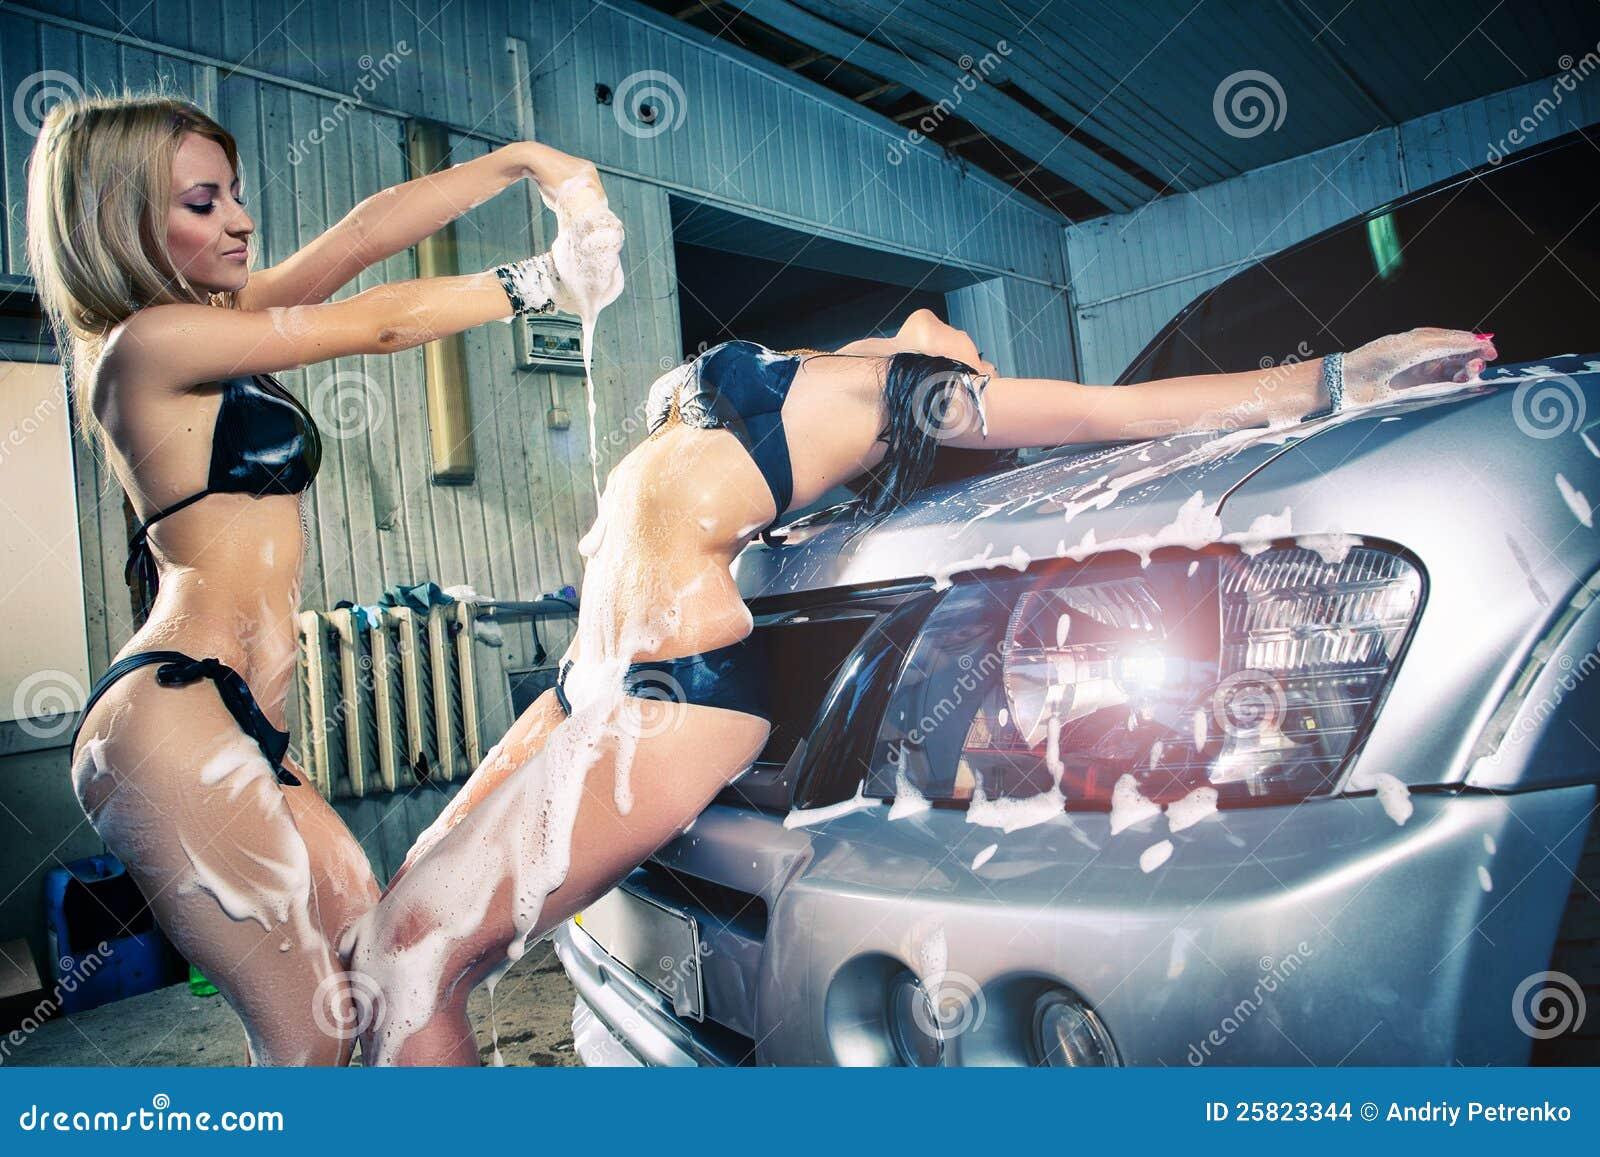 Μοντέλα στο πλύσιμο αυτοκινήτων στο γκαράζ.